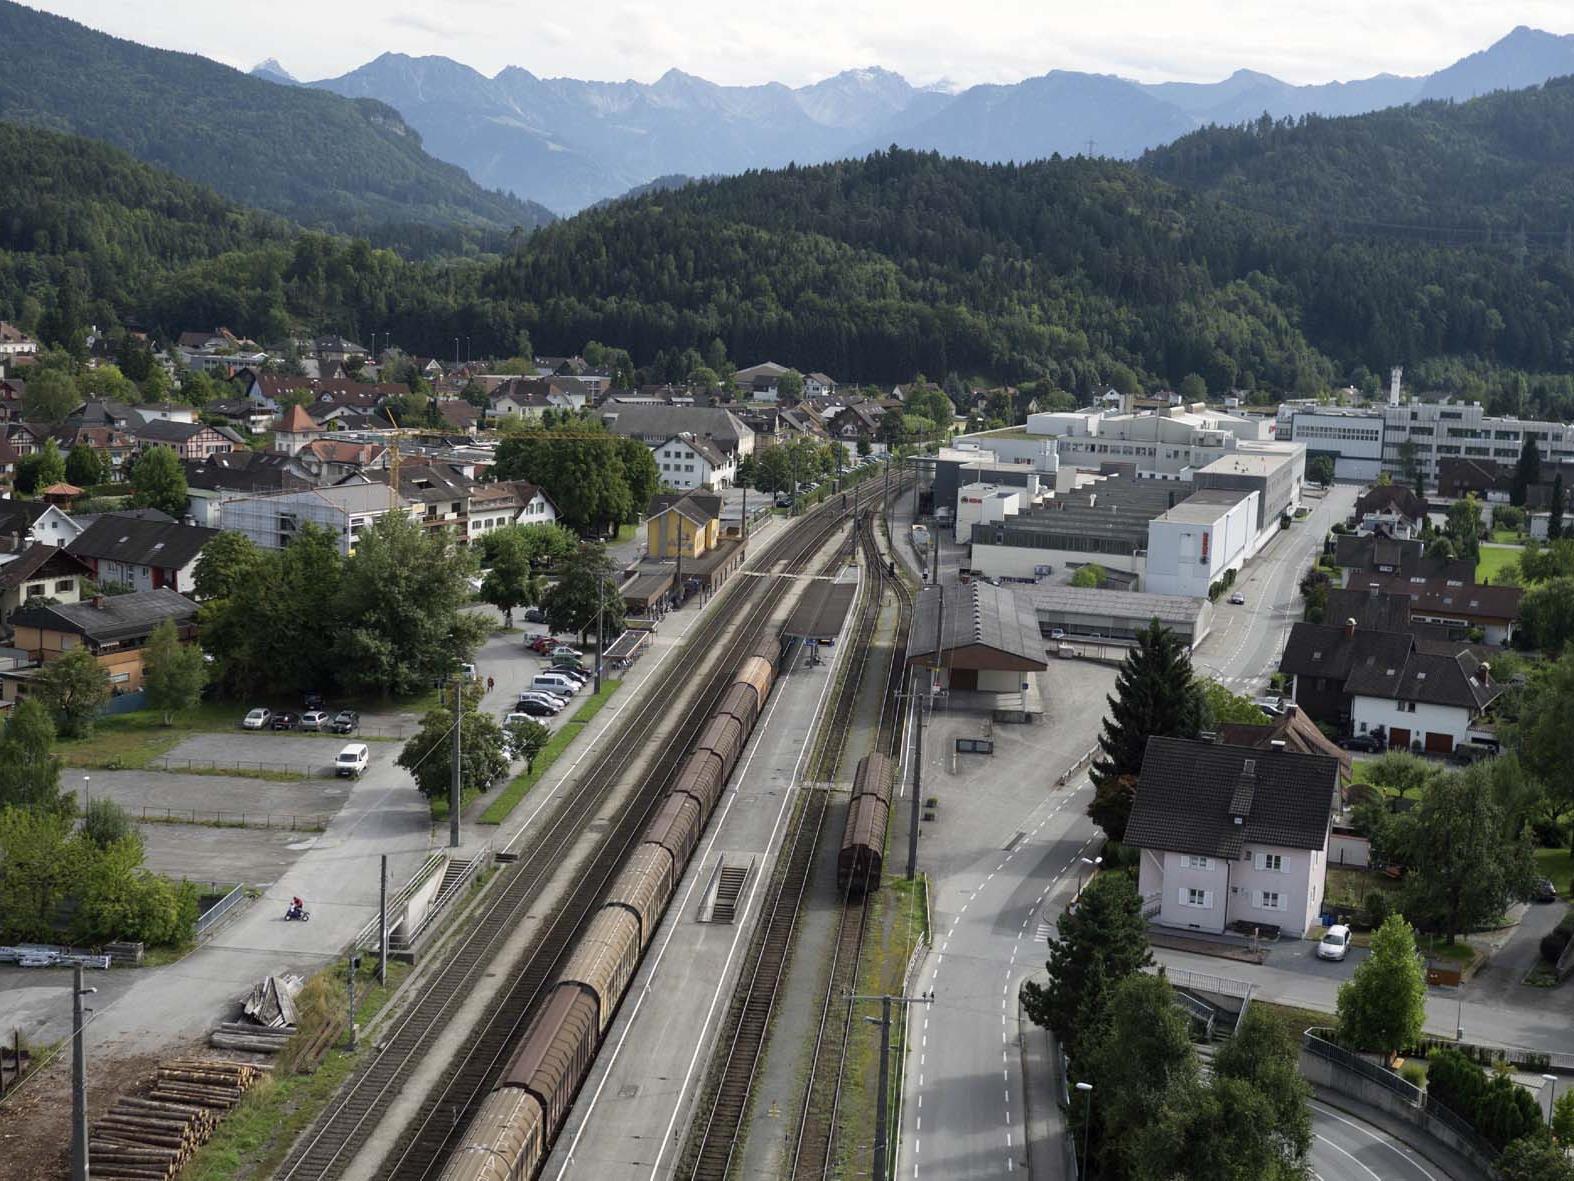 Der Bahnhof Rankweil aus der Vogelperspektive